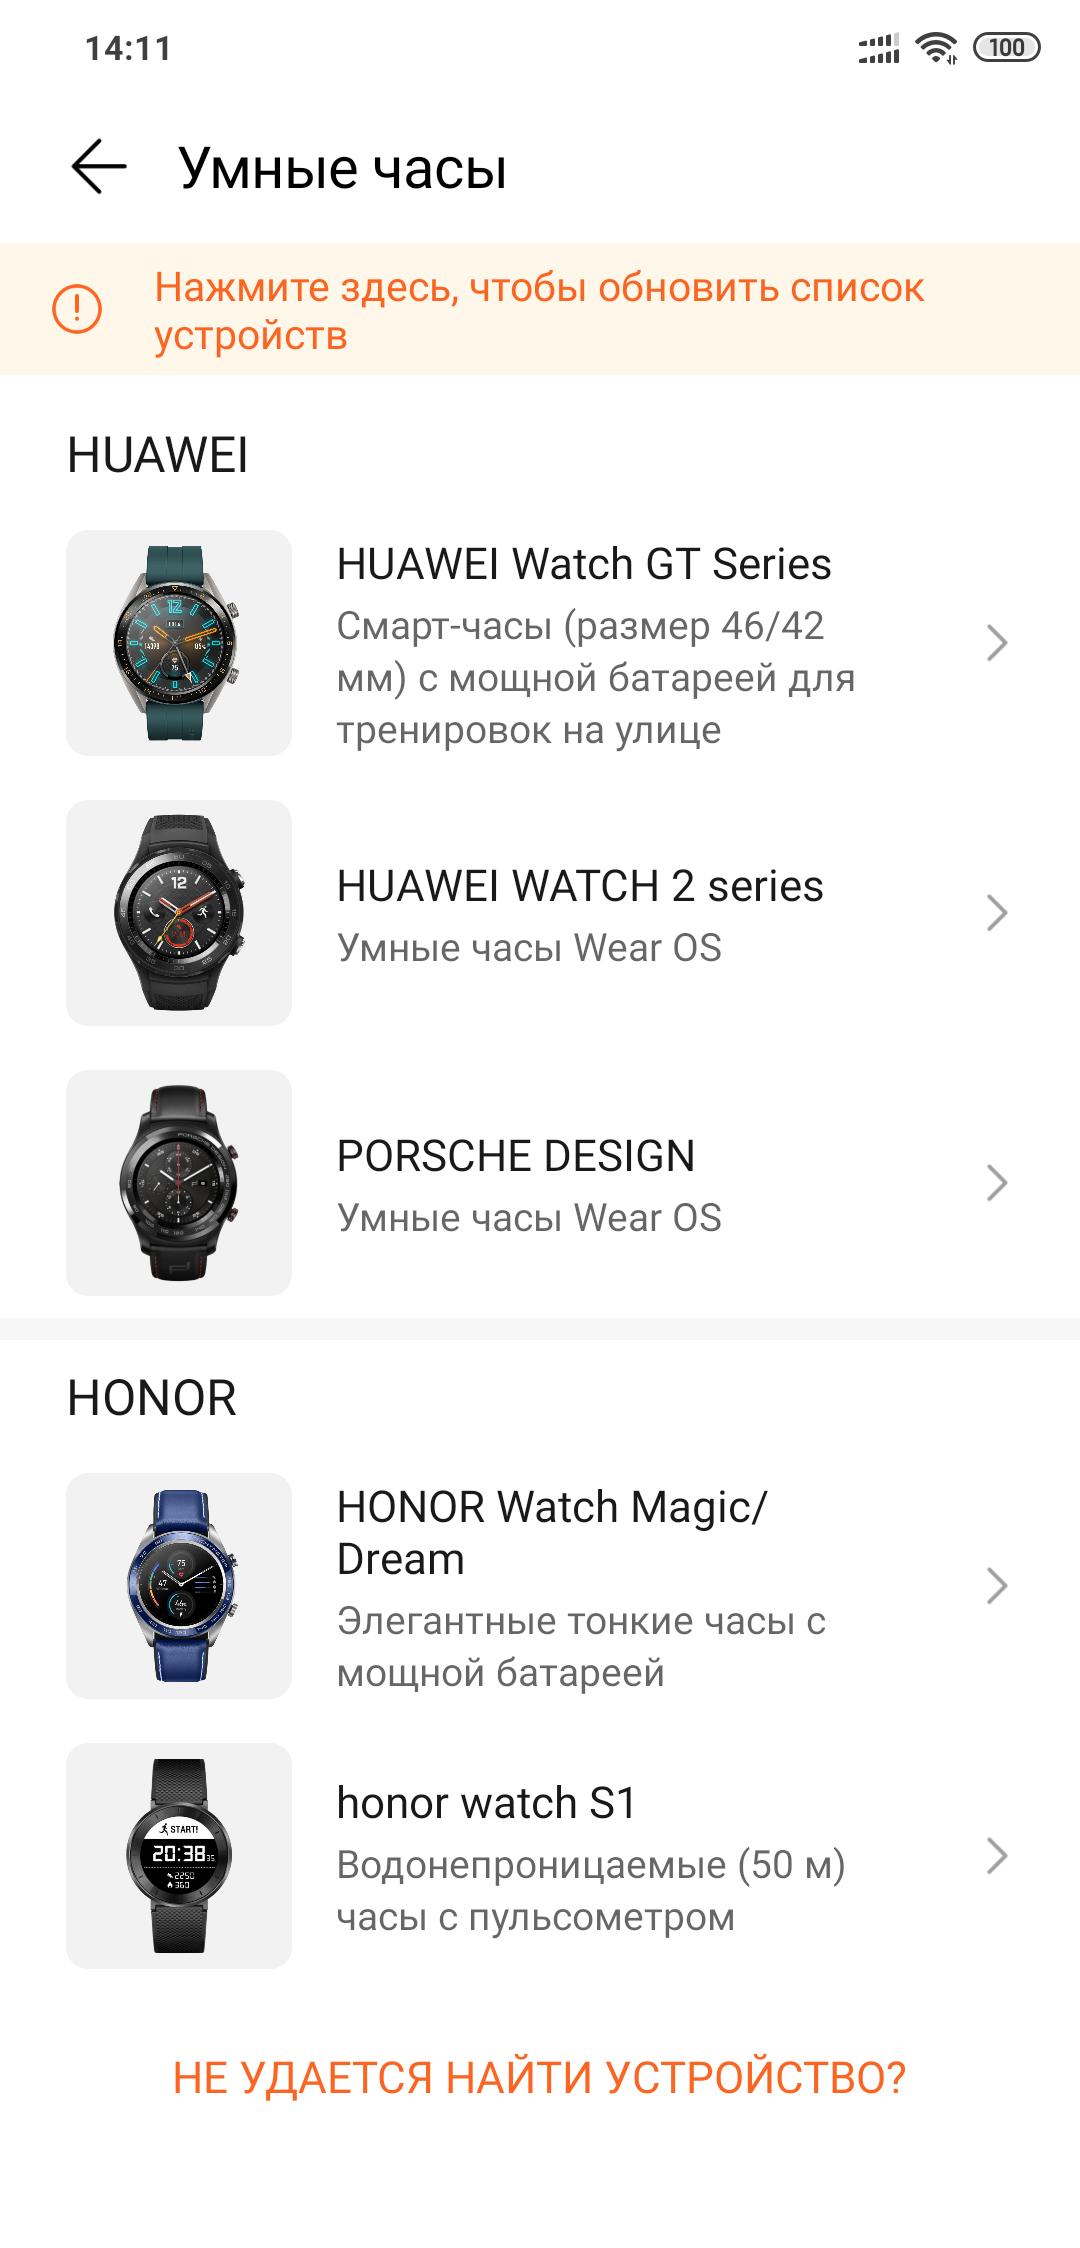 Обзор Honor Watch Magic. Много плюсов и один минус - VENDEE